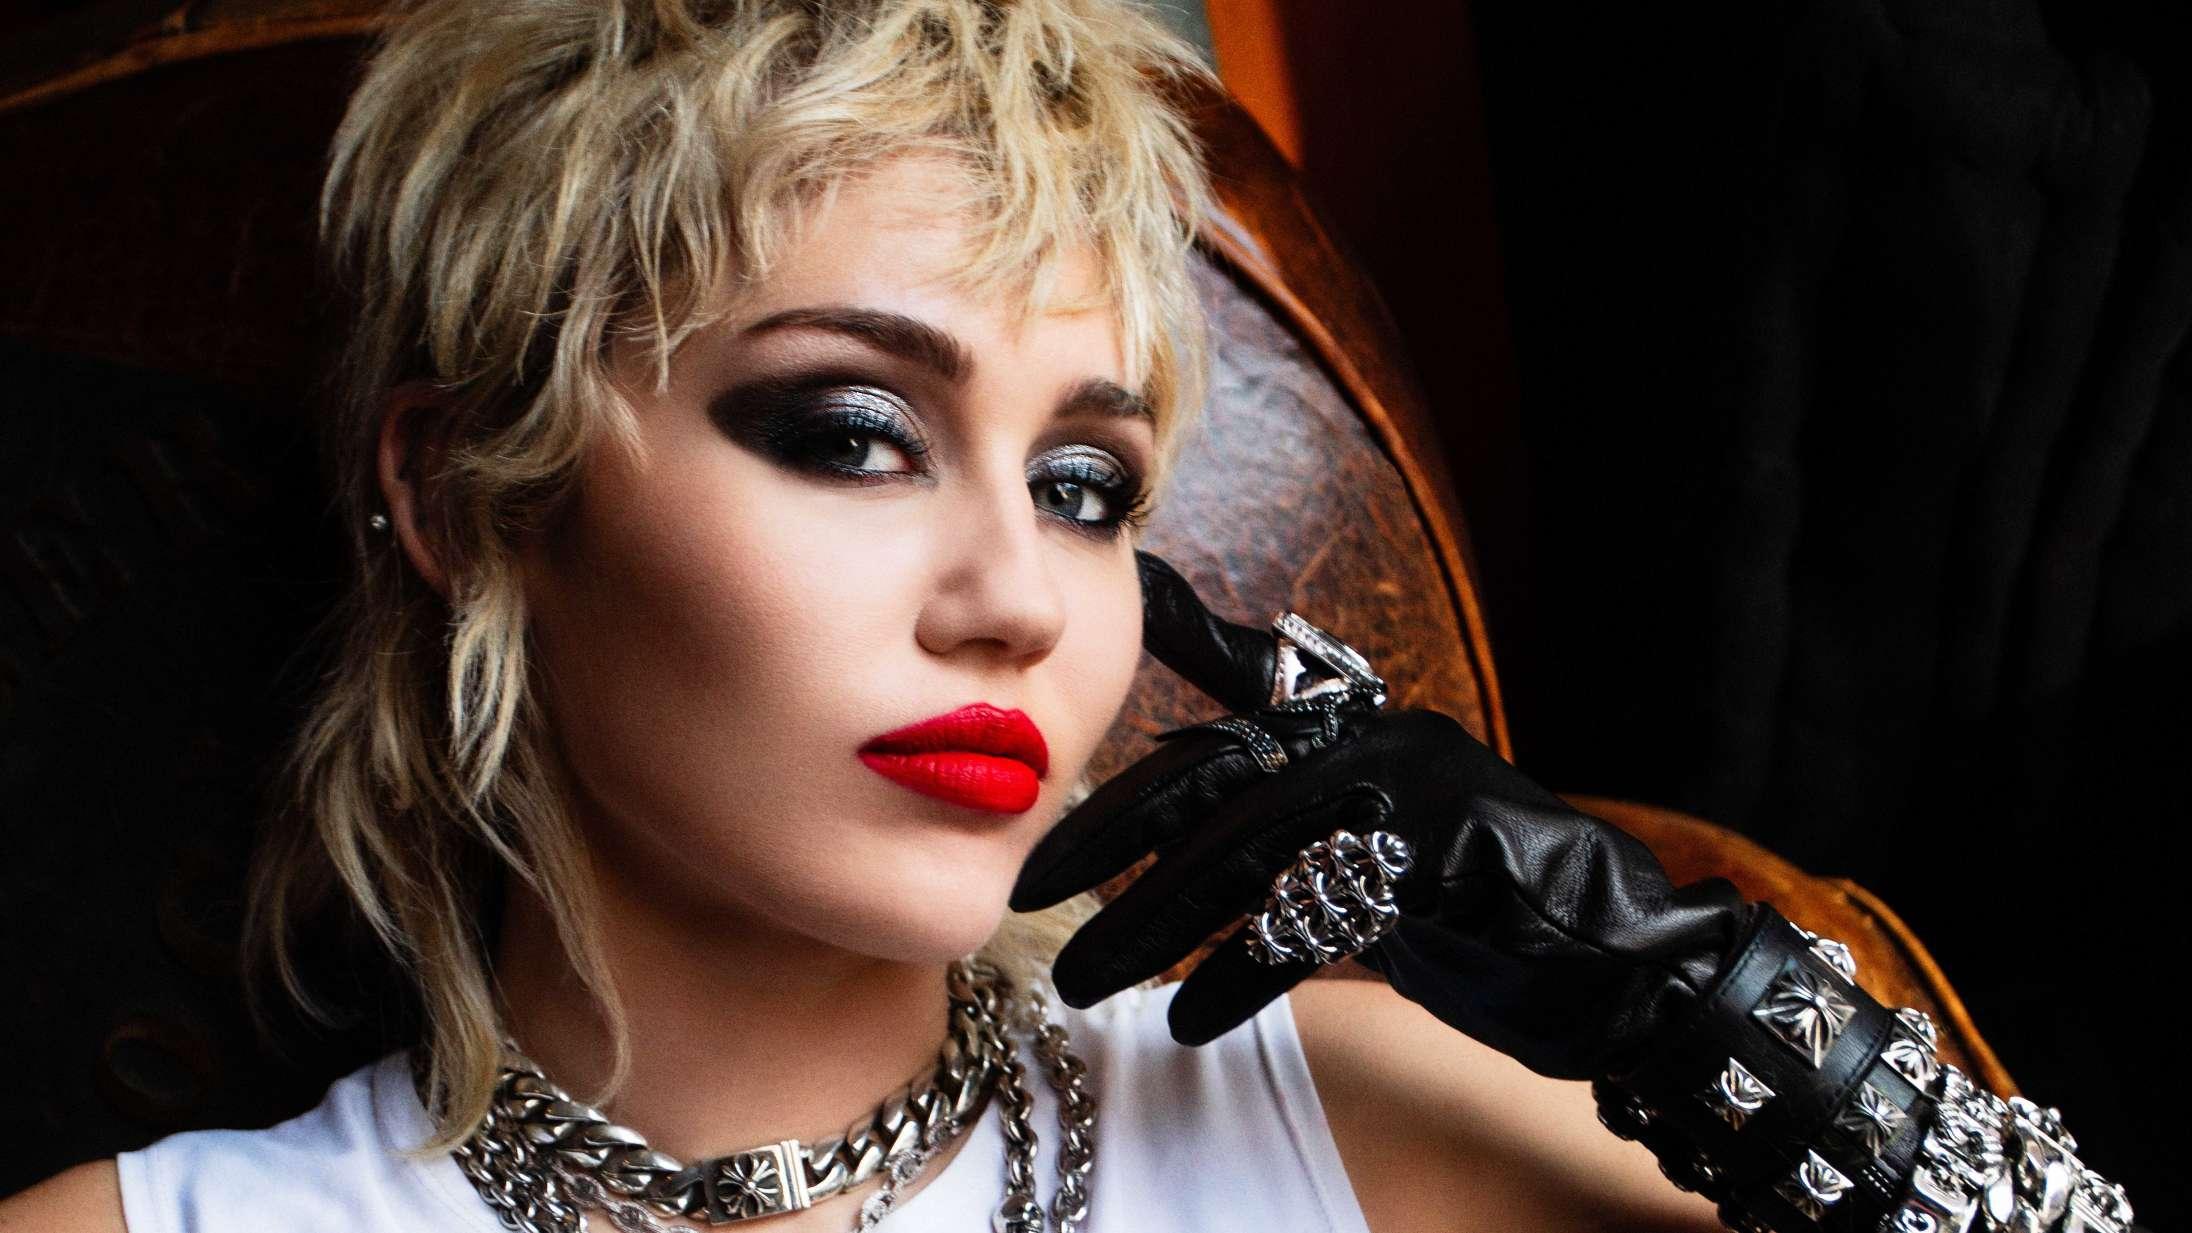 Miley Cyrus rækker ud til DaBaby på Instagram: »Det er lettere at cancle en end at finde tilgivelse i os selv«